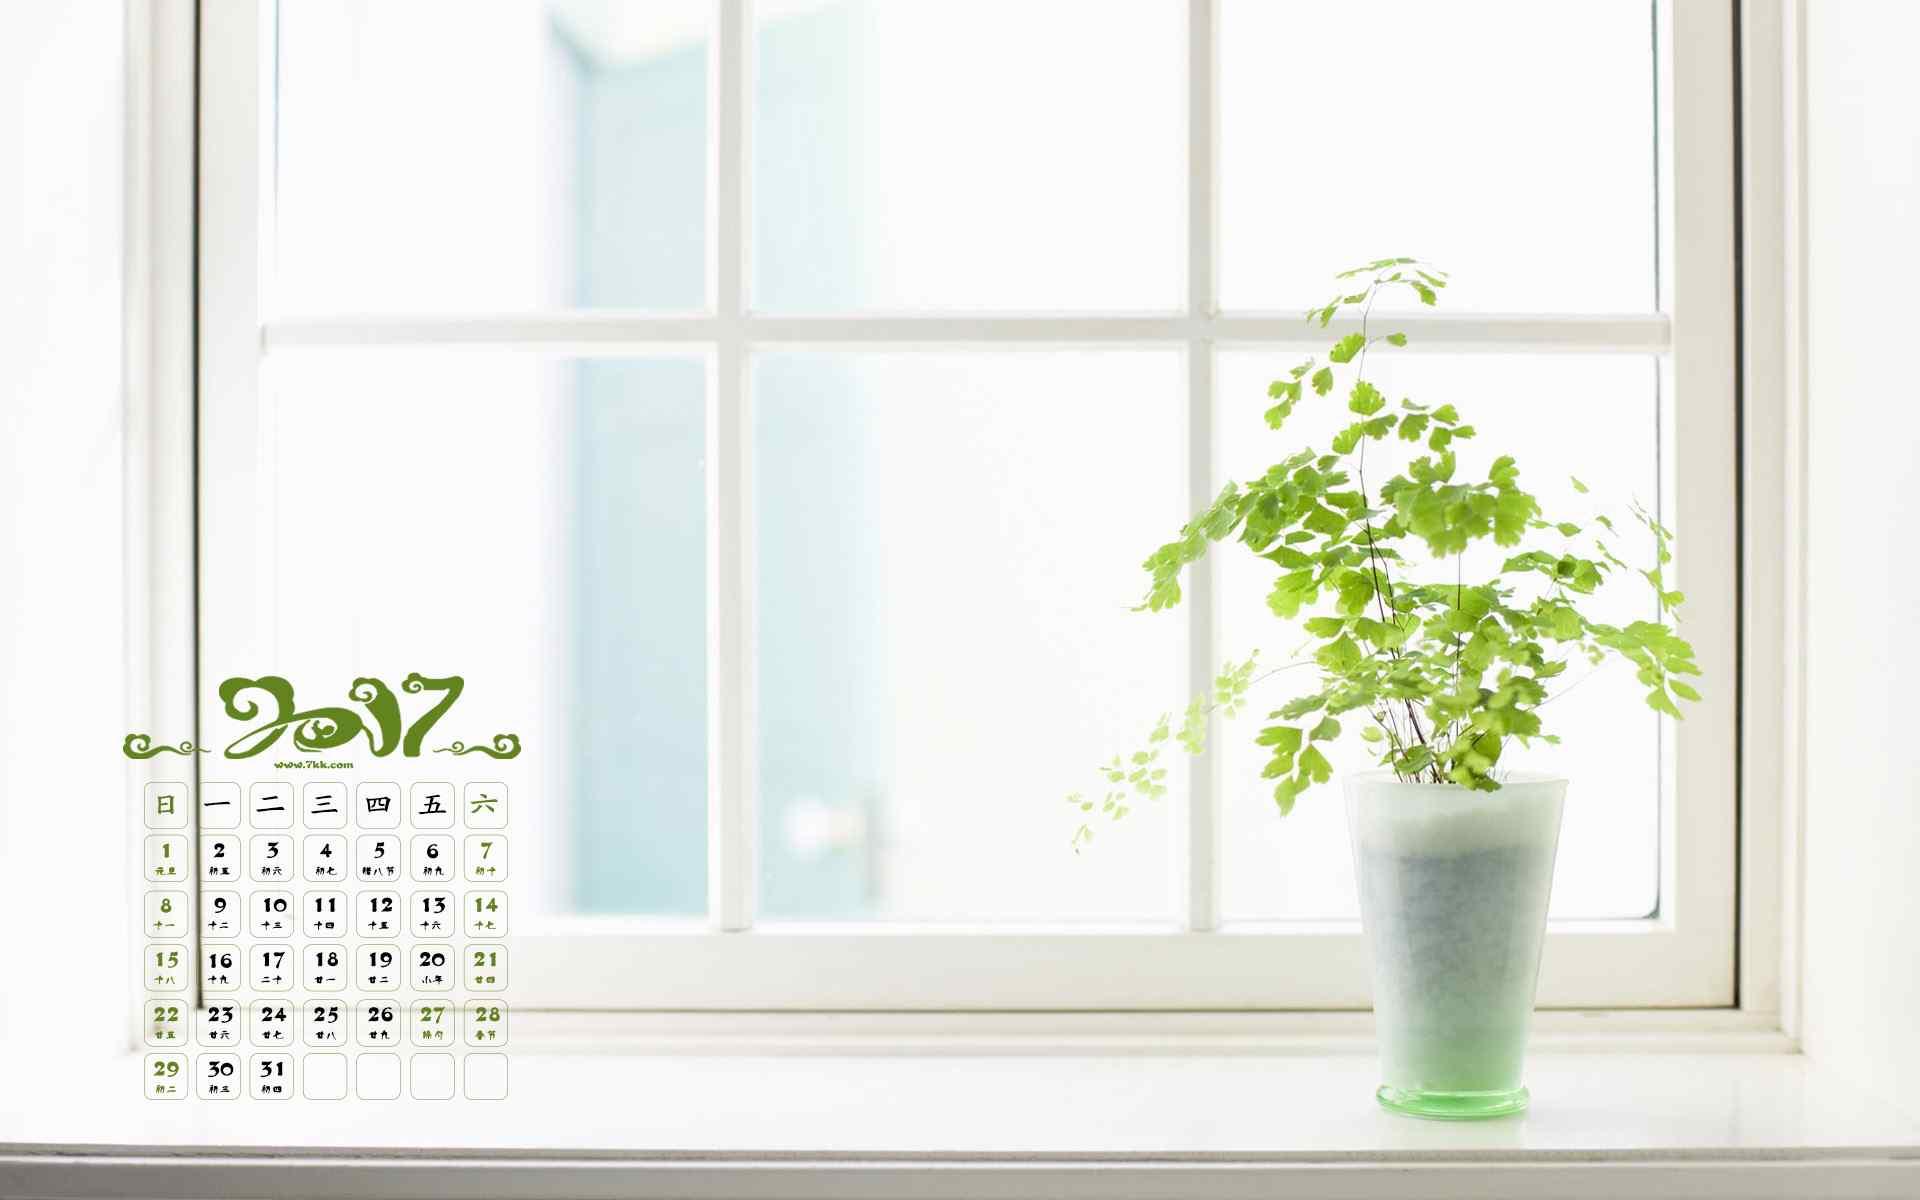 2017年1月日历小清新植物图片高清壁纸